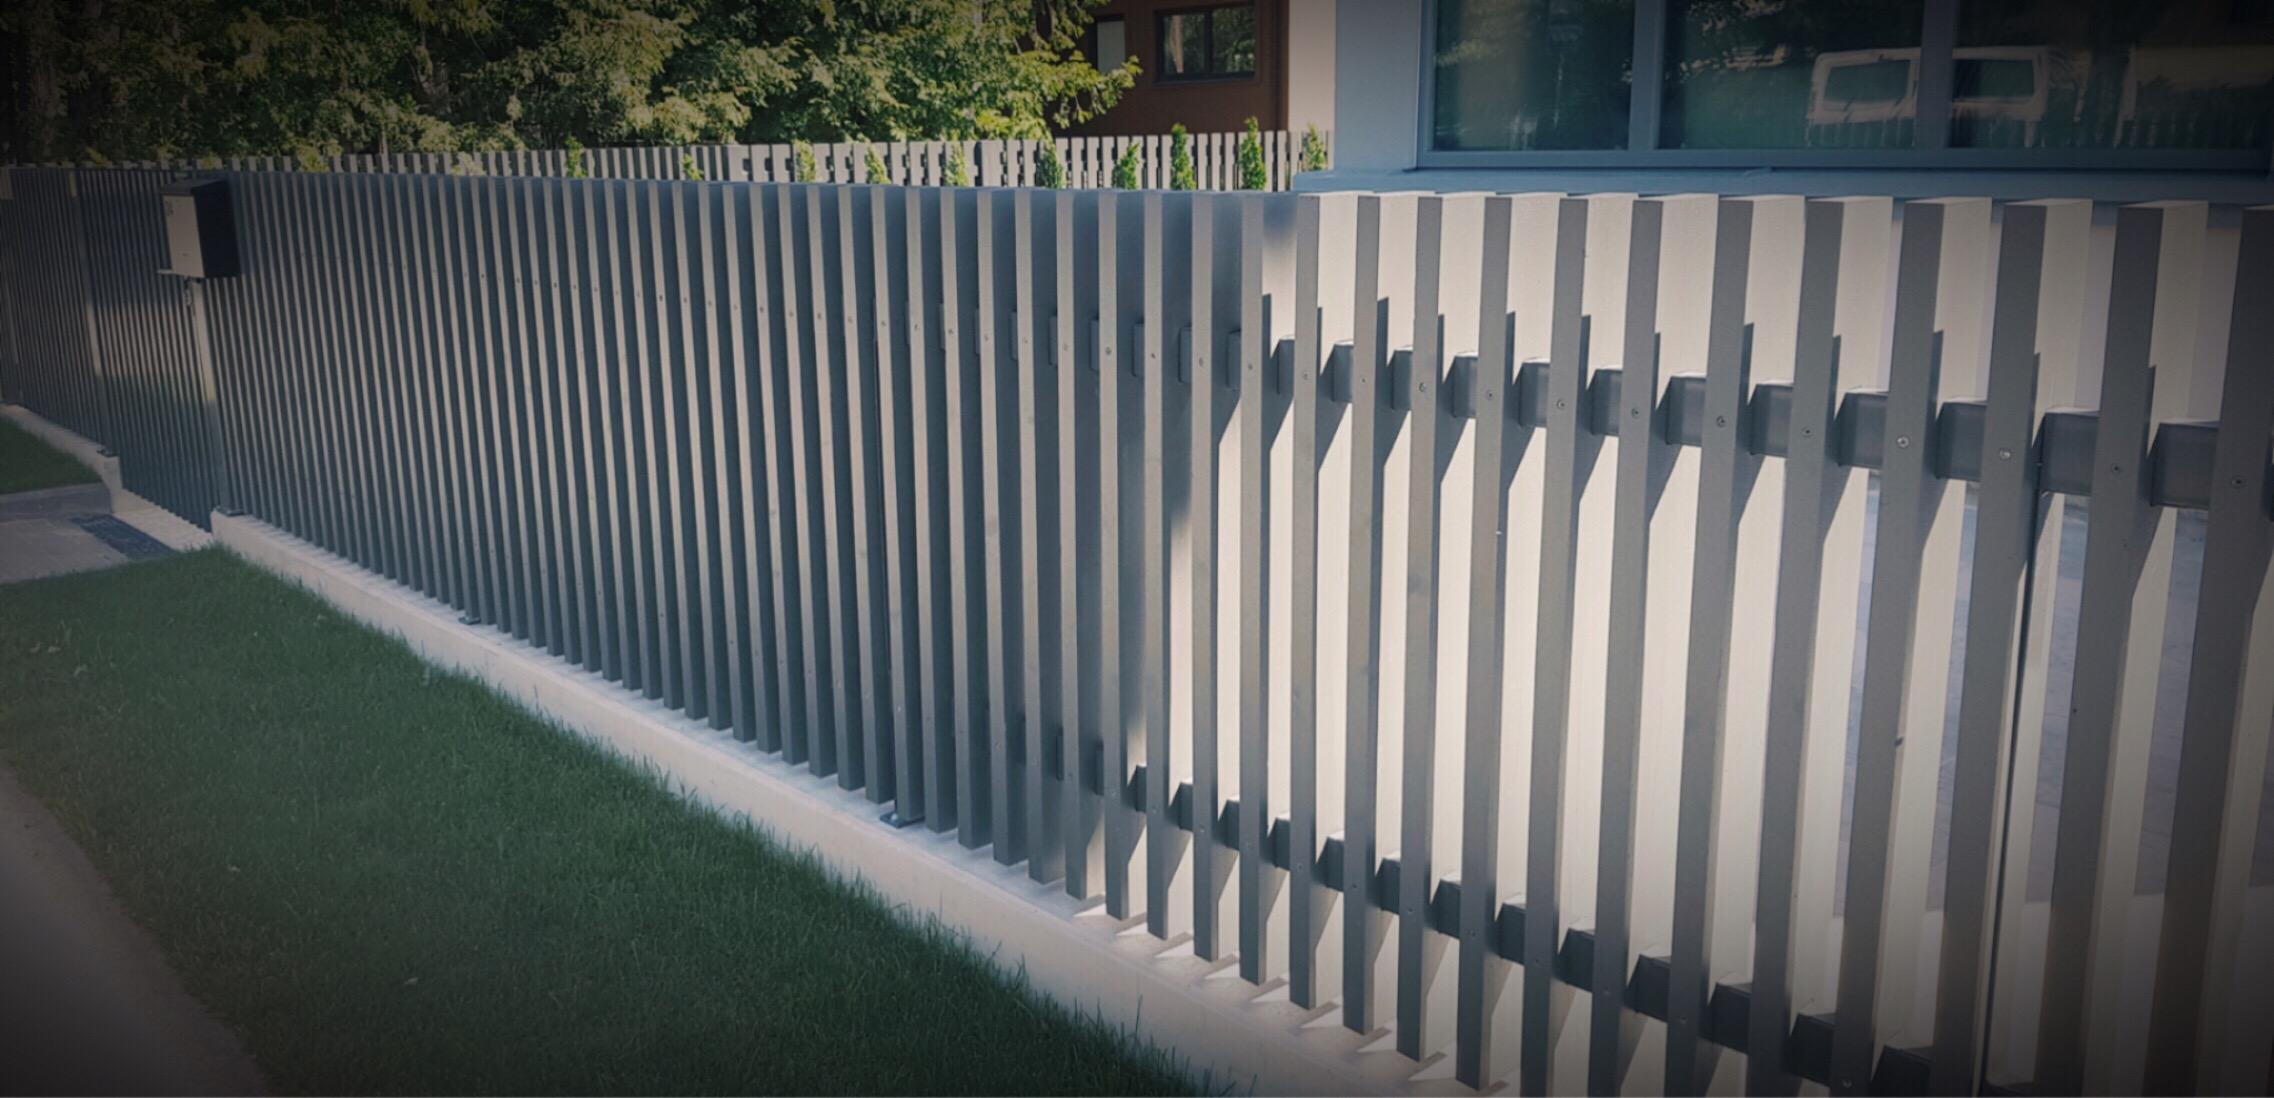 Puidust piirdeaed, metallpõõnad läbivad lippe